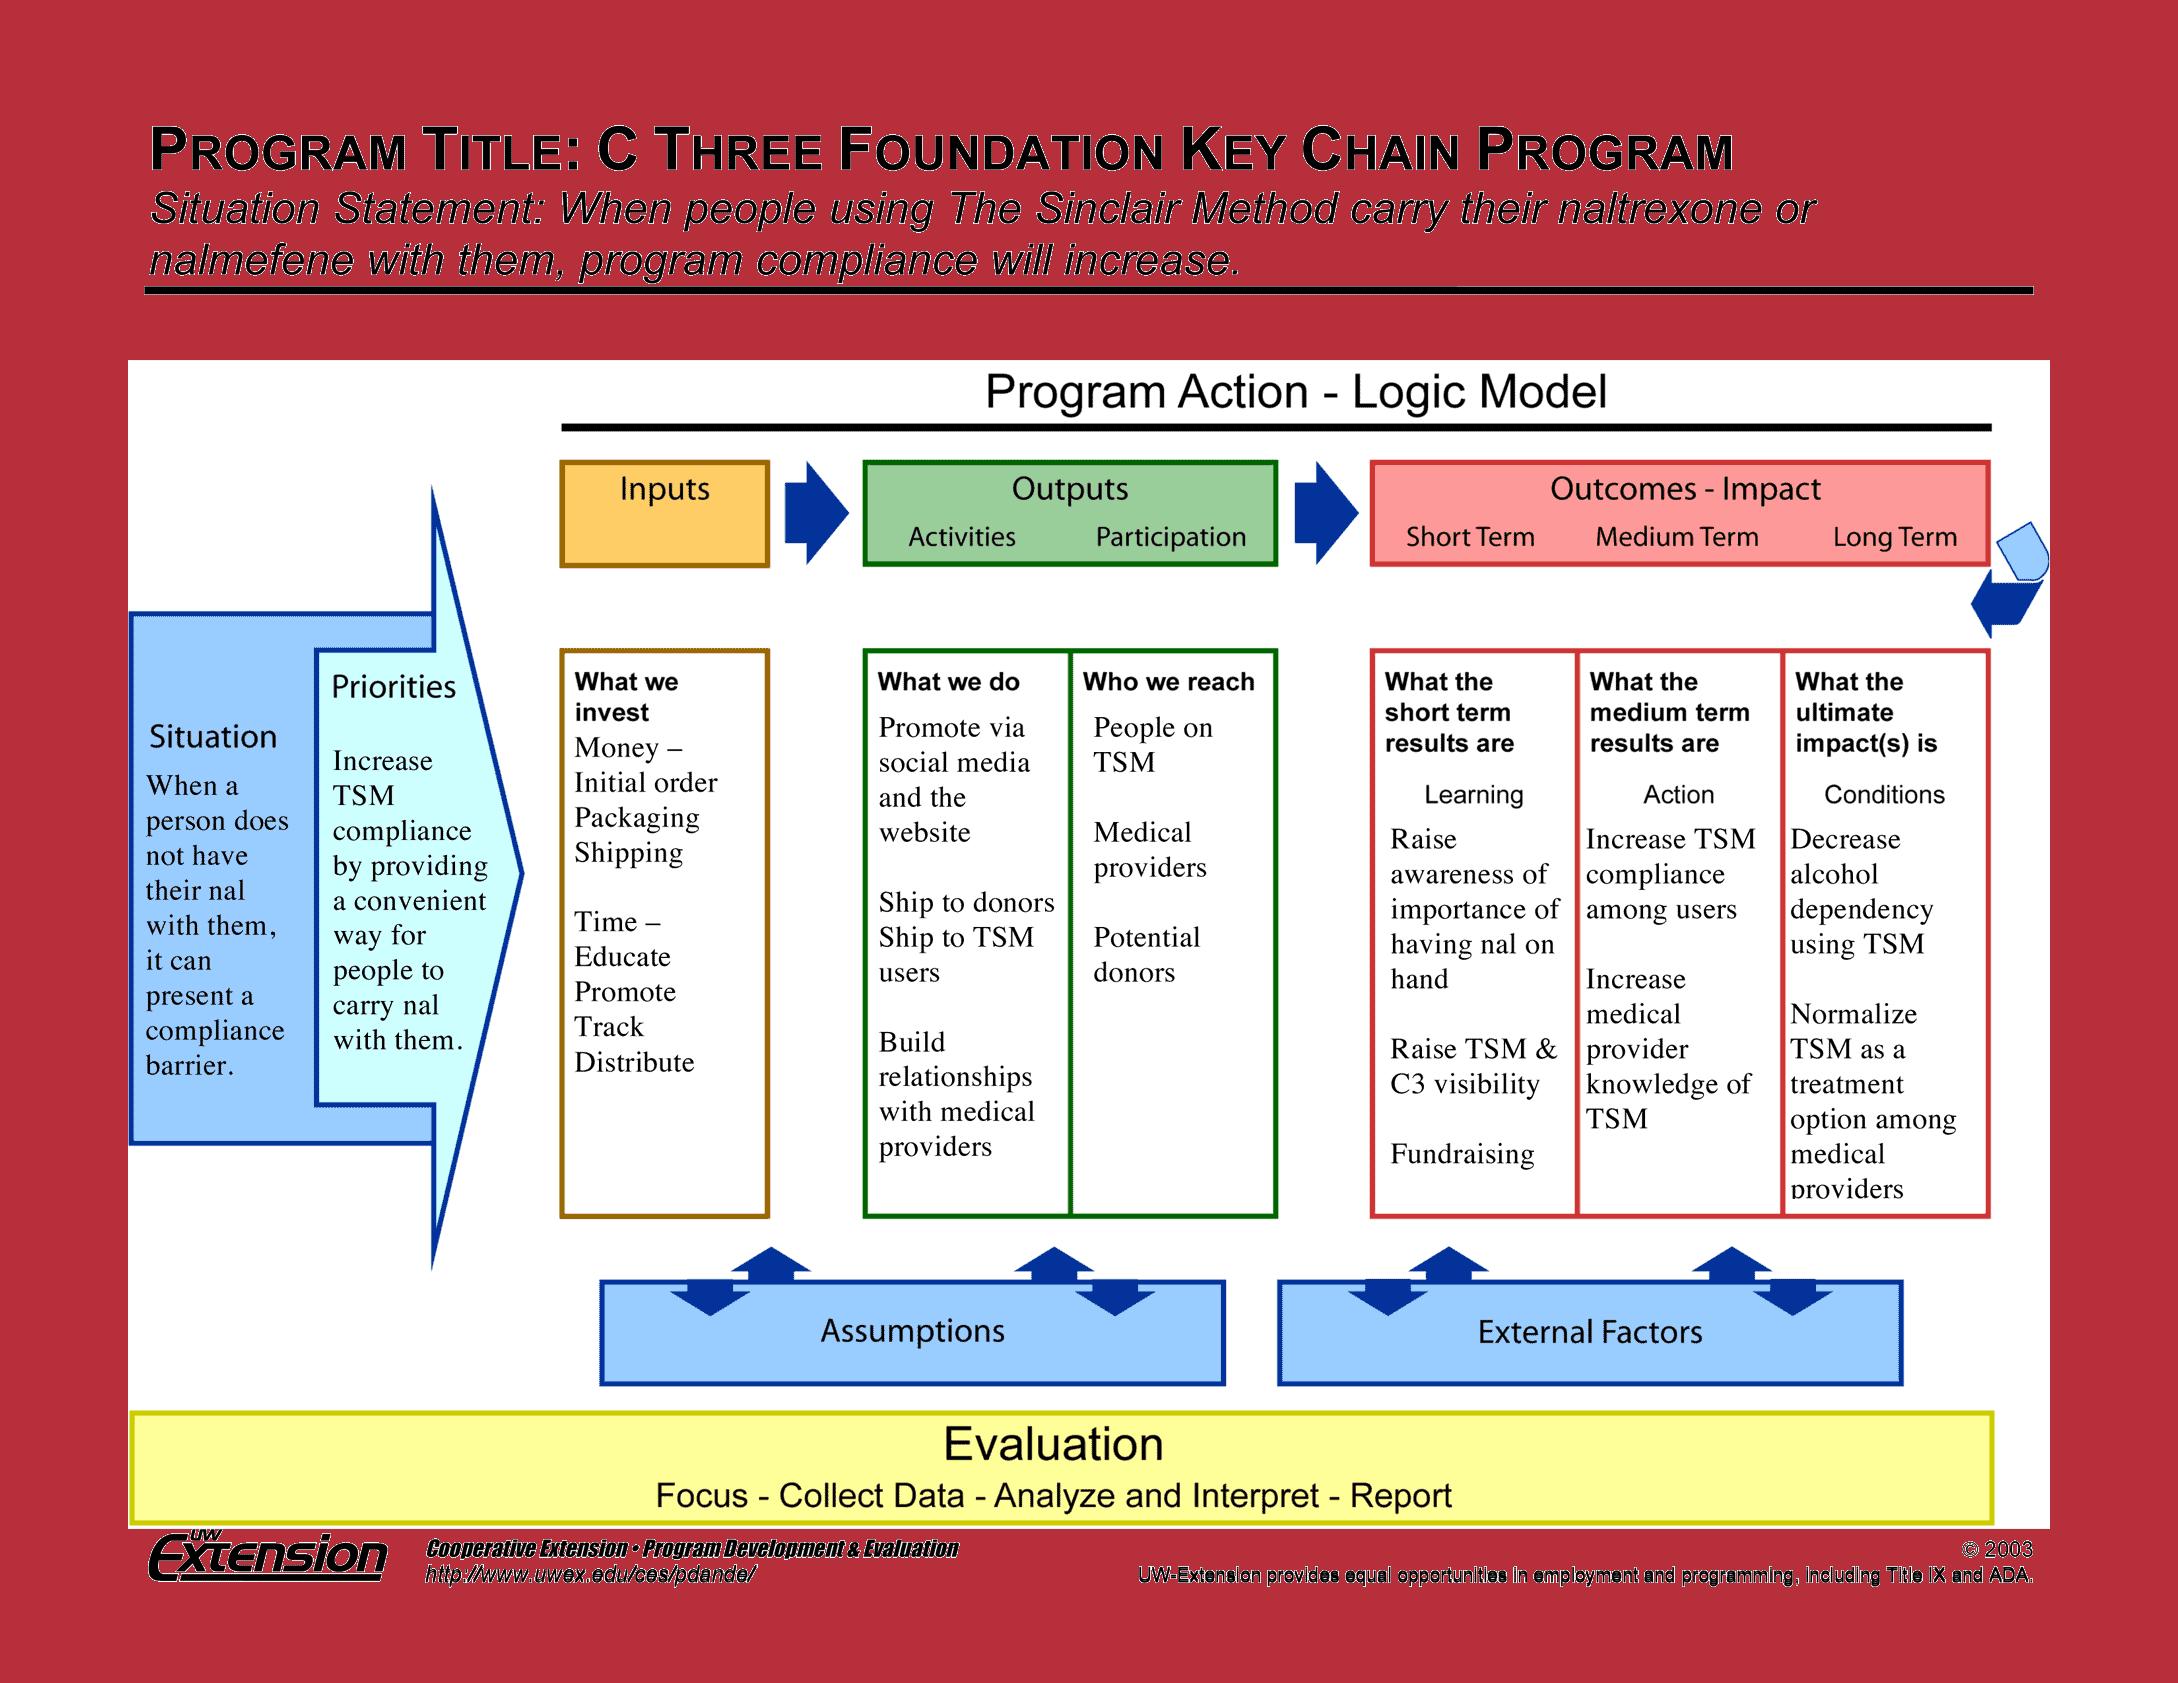 Key Chain Logic-Model